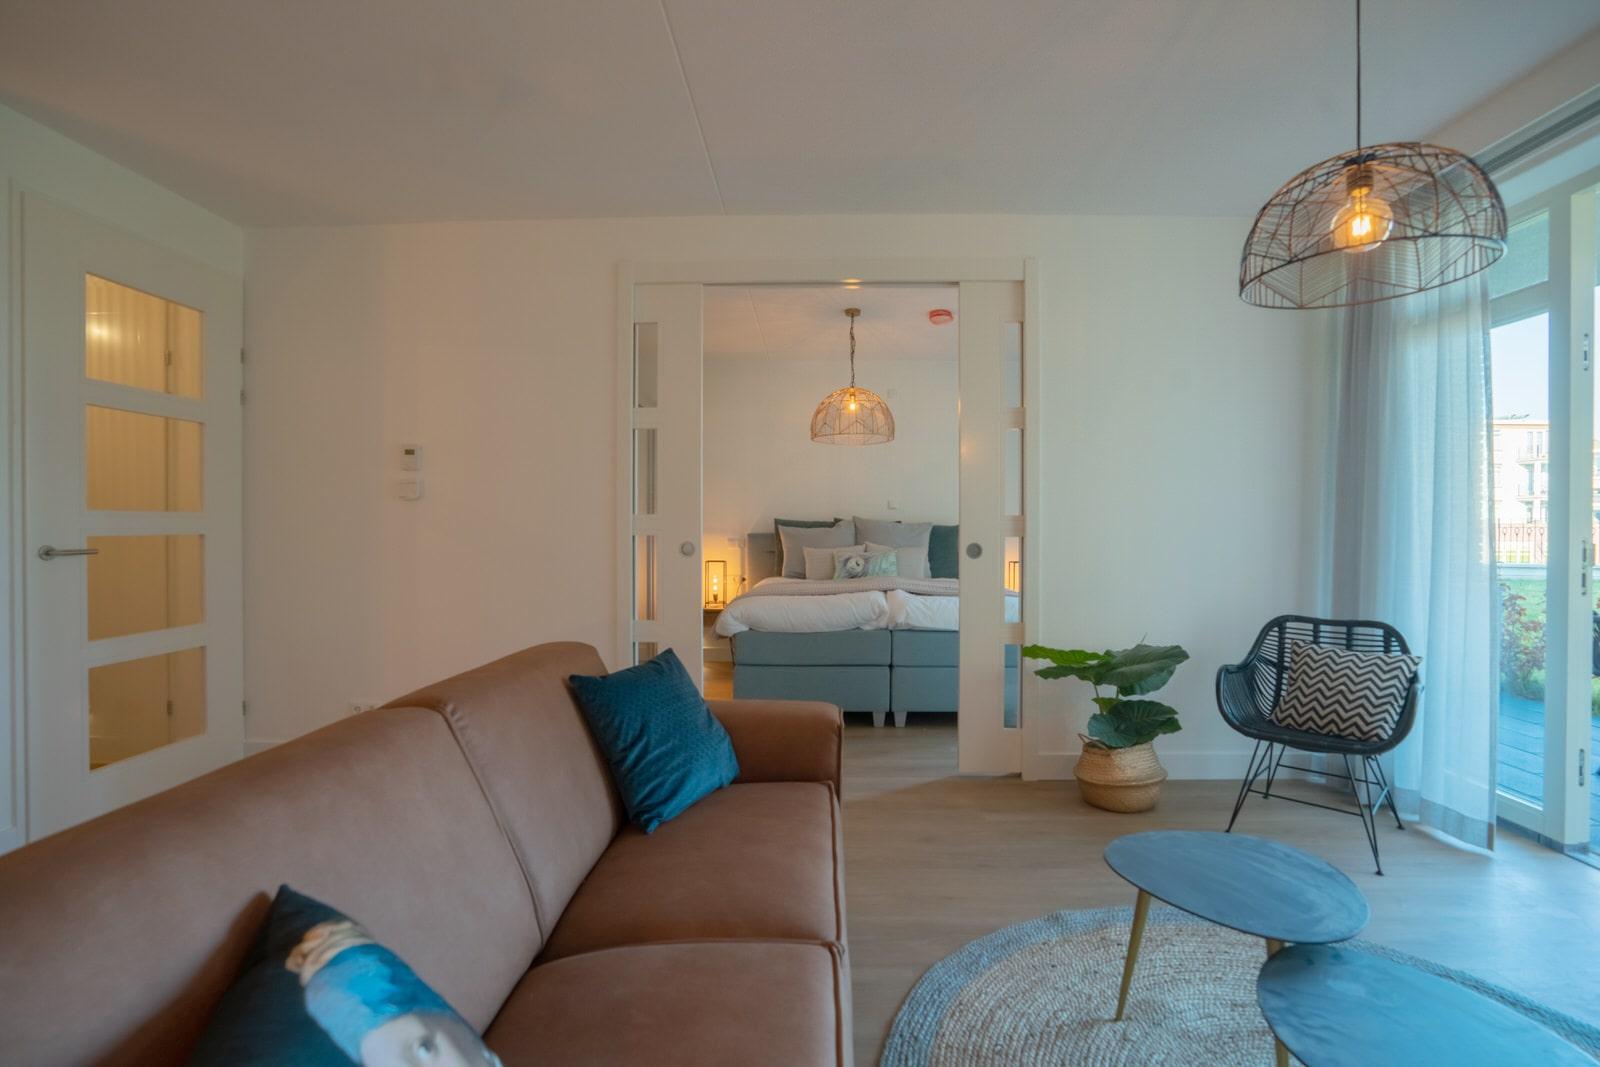 Tijdelijk-te-huur-appartement-calla-rijnsburg